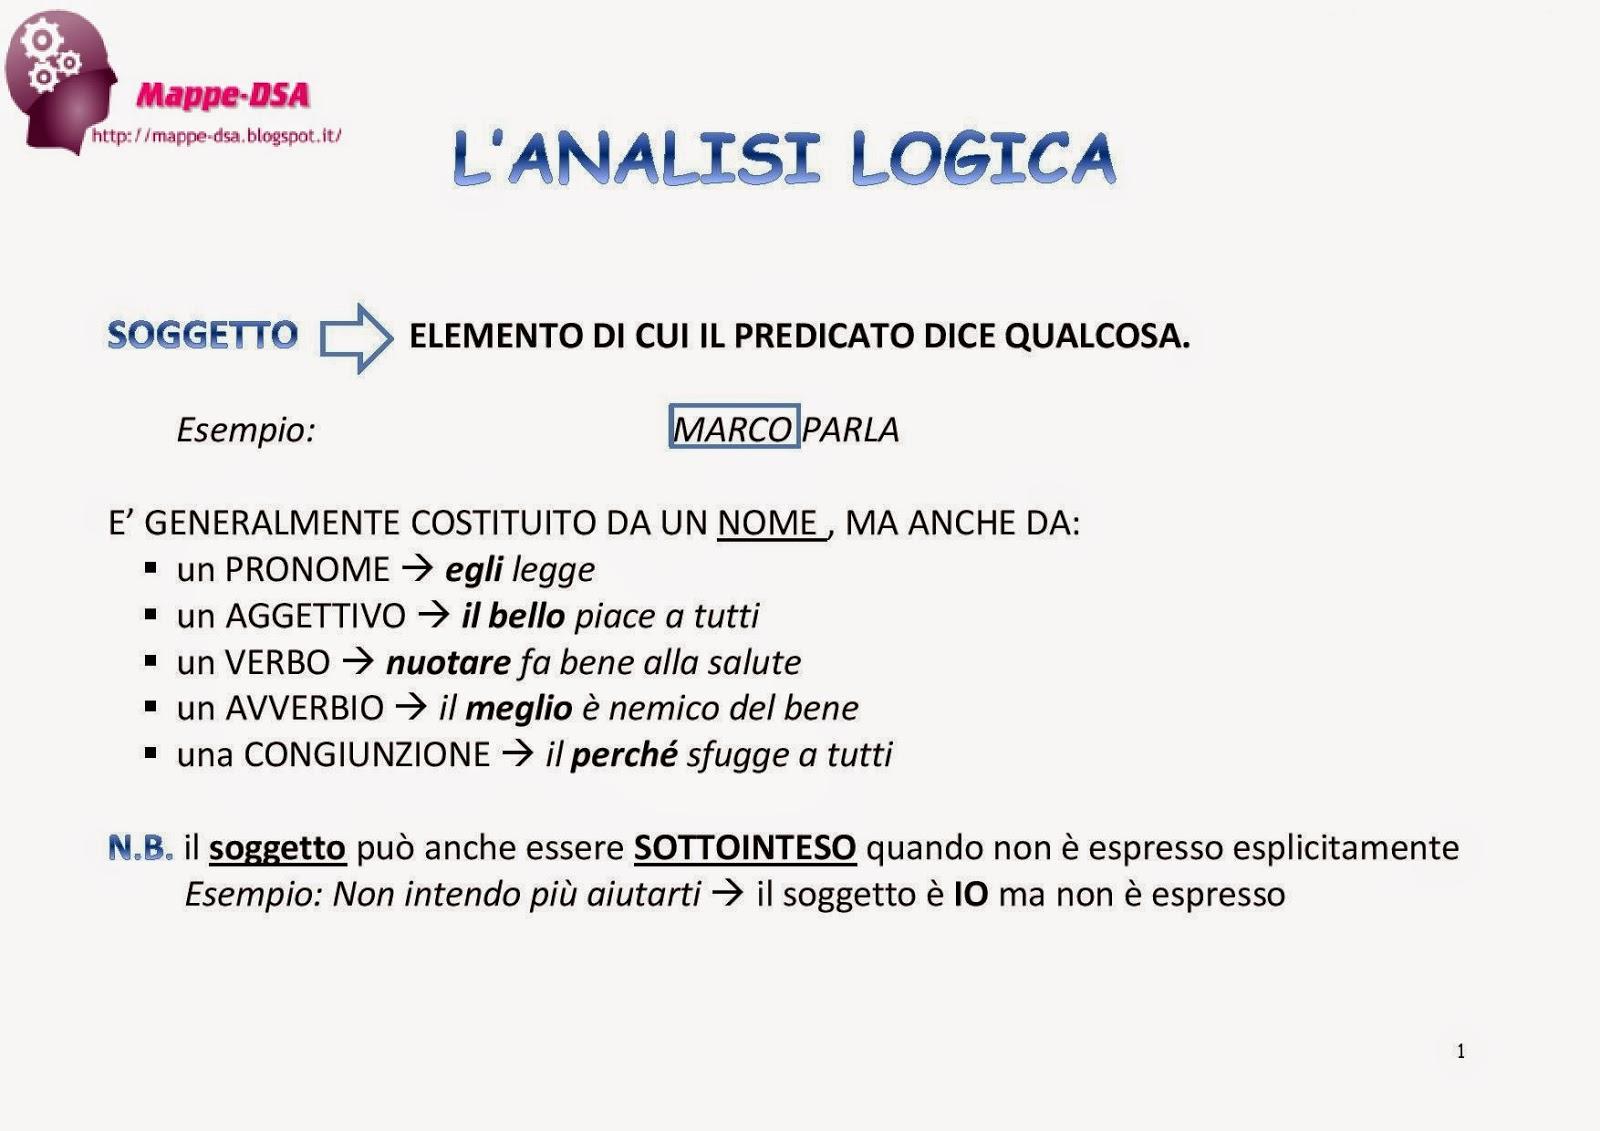 mappa schema analisi logica dsa grammatica  soggetto predicato